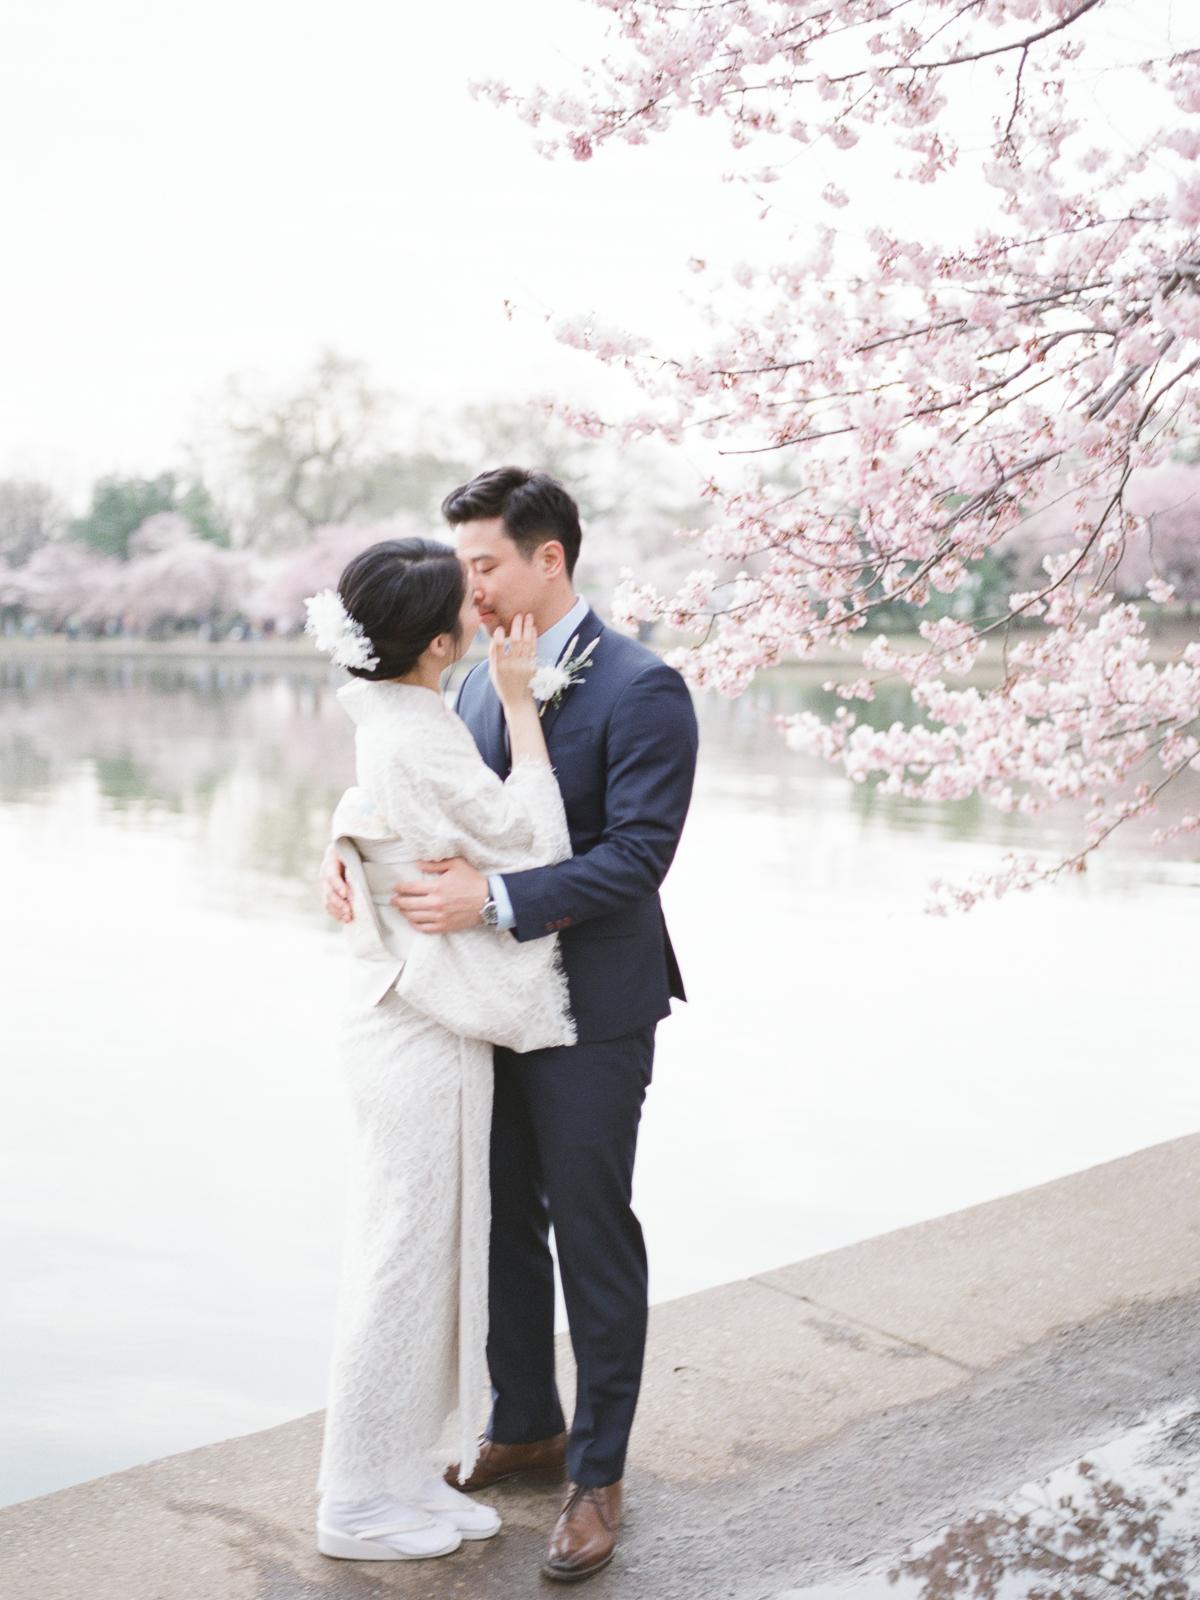 DC-Engagement-Cherry-Blossom-Tidal-Basin-1.jpg